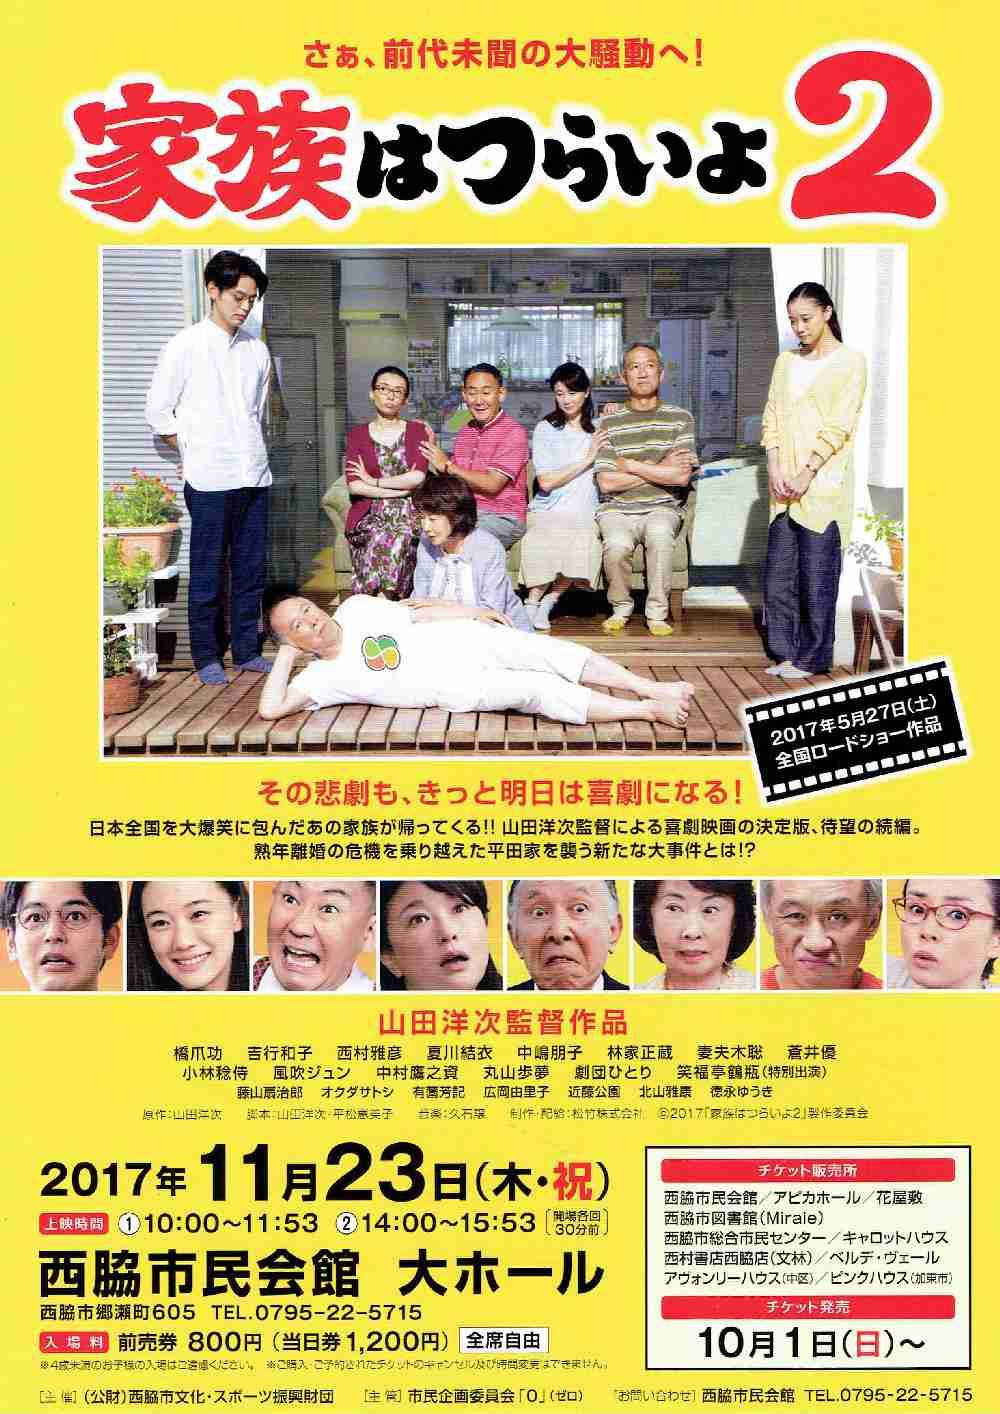 11/23    映画「家族はつらいよ2」:西脇市民会館